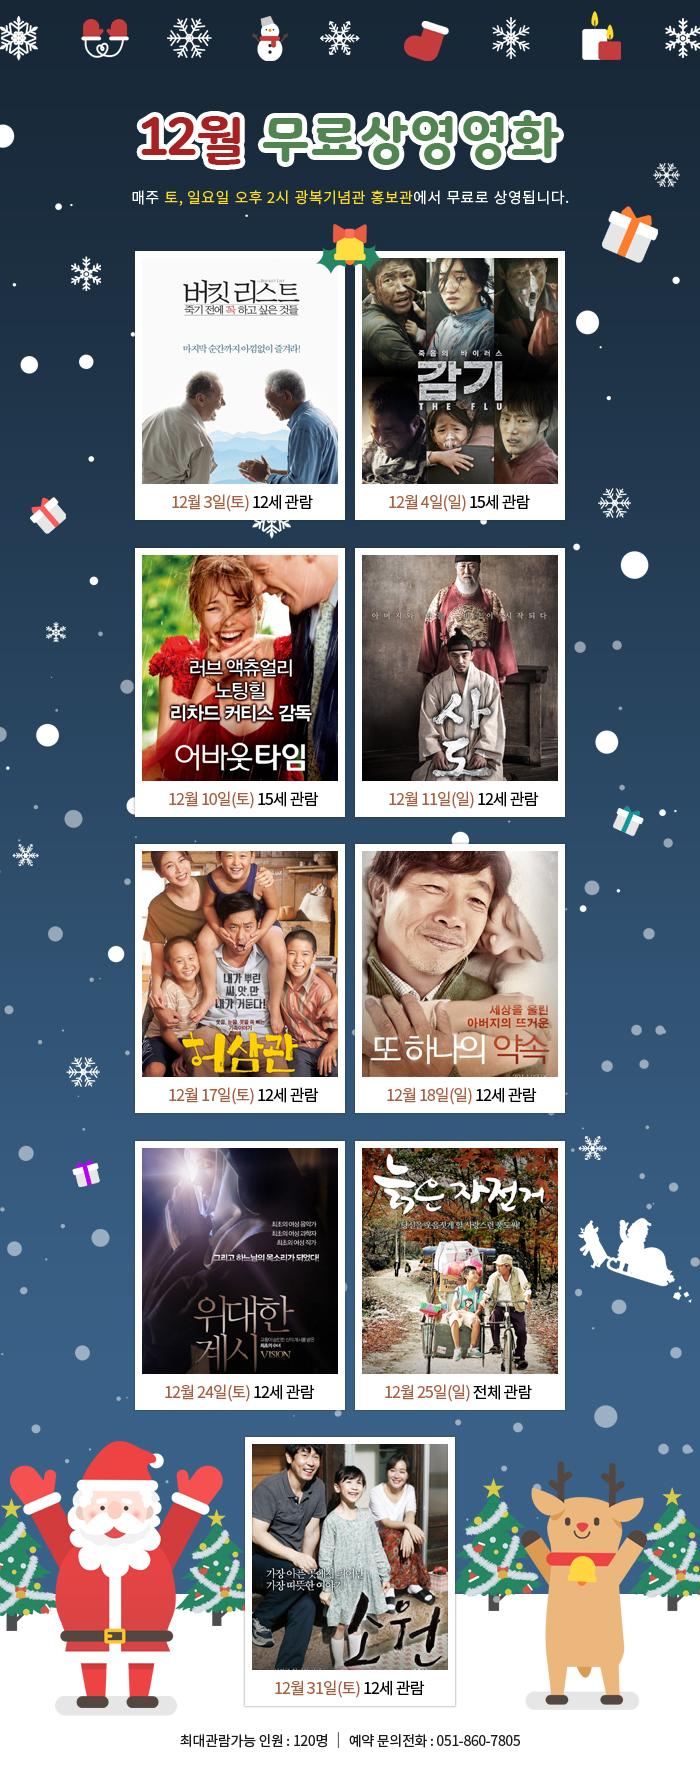 광복기념관 무료영화상영 안내(2016년 12월) 이미지1번째